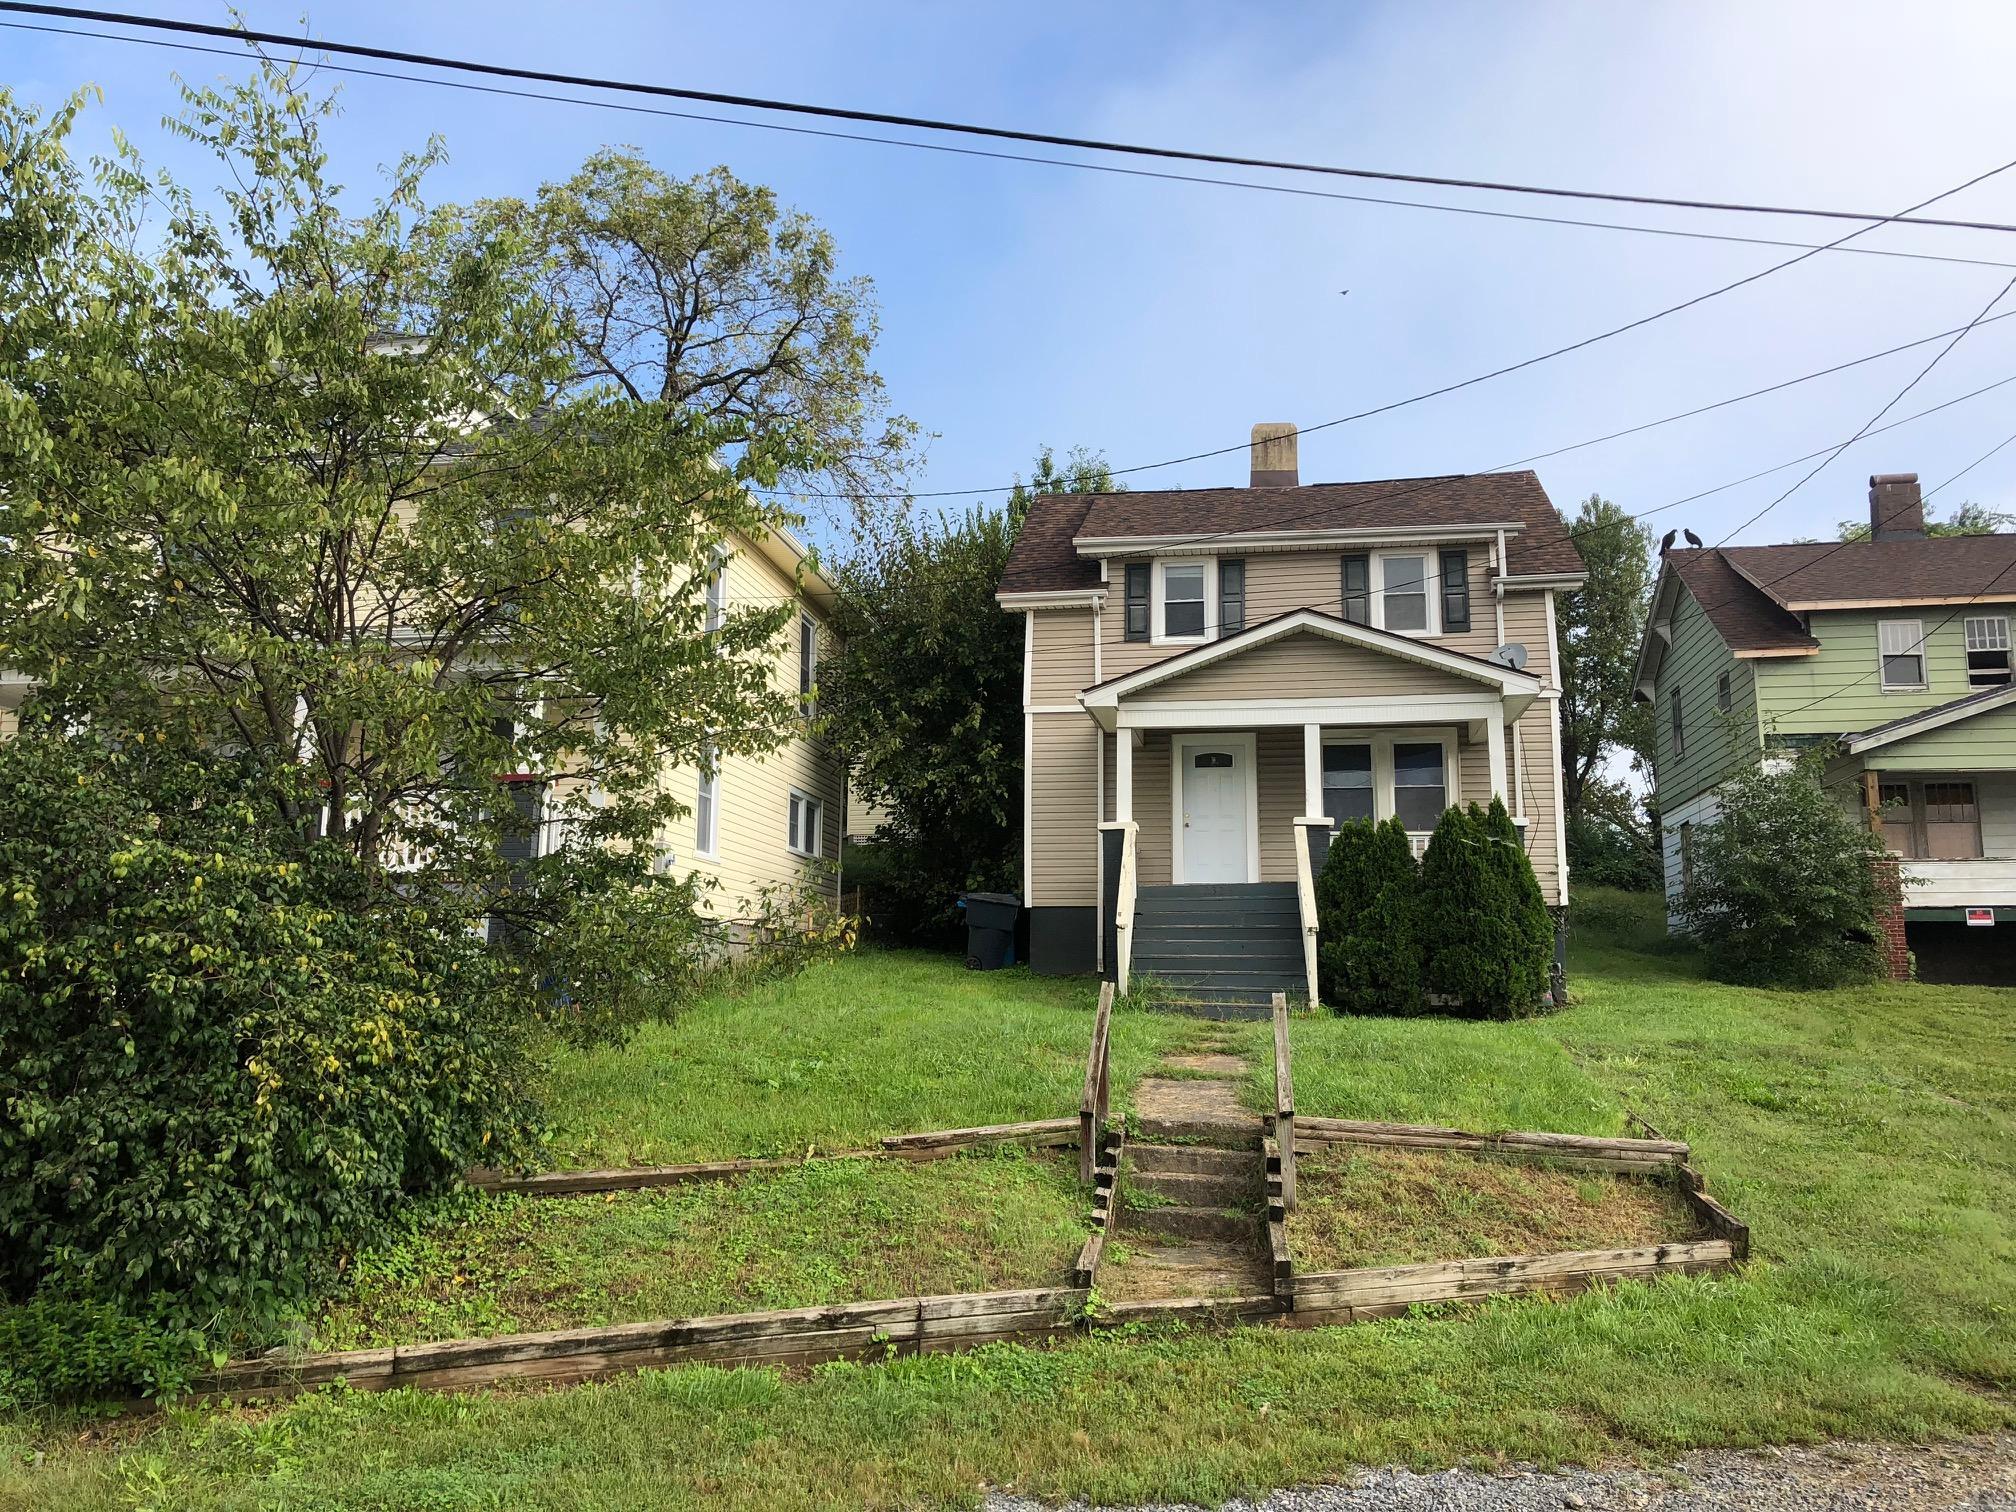 Photo of 2323 Salem TPKE Roanoke VA 24017